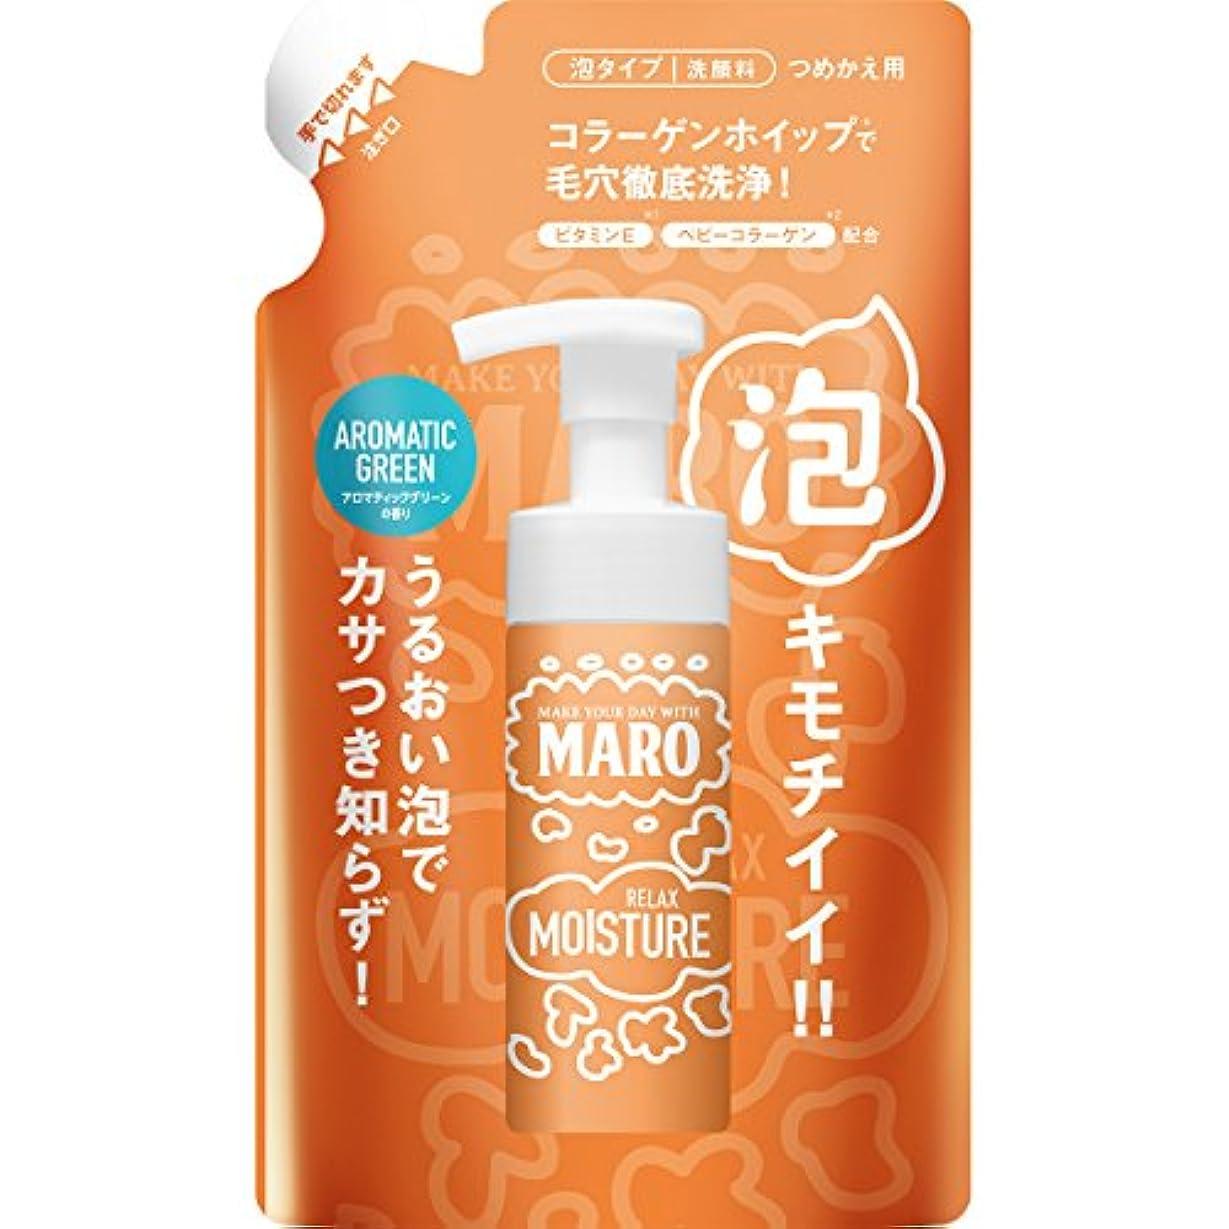 和解するリルリルMARO グルーヴィー 泡洗顔 詰め替え リラックスモイスチャー 130ml